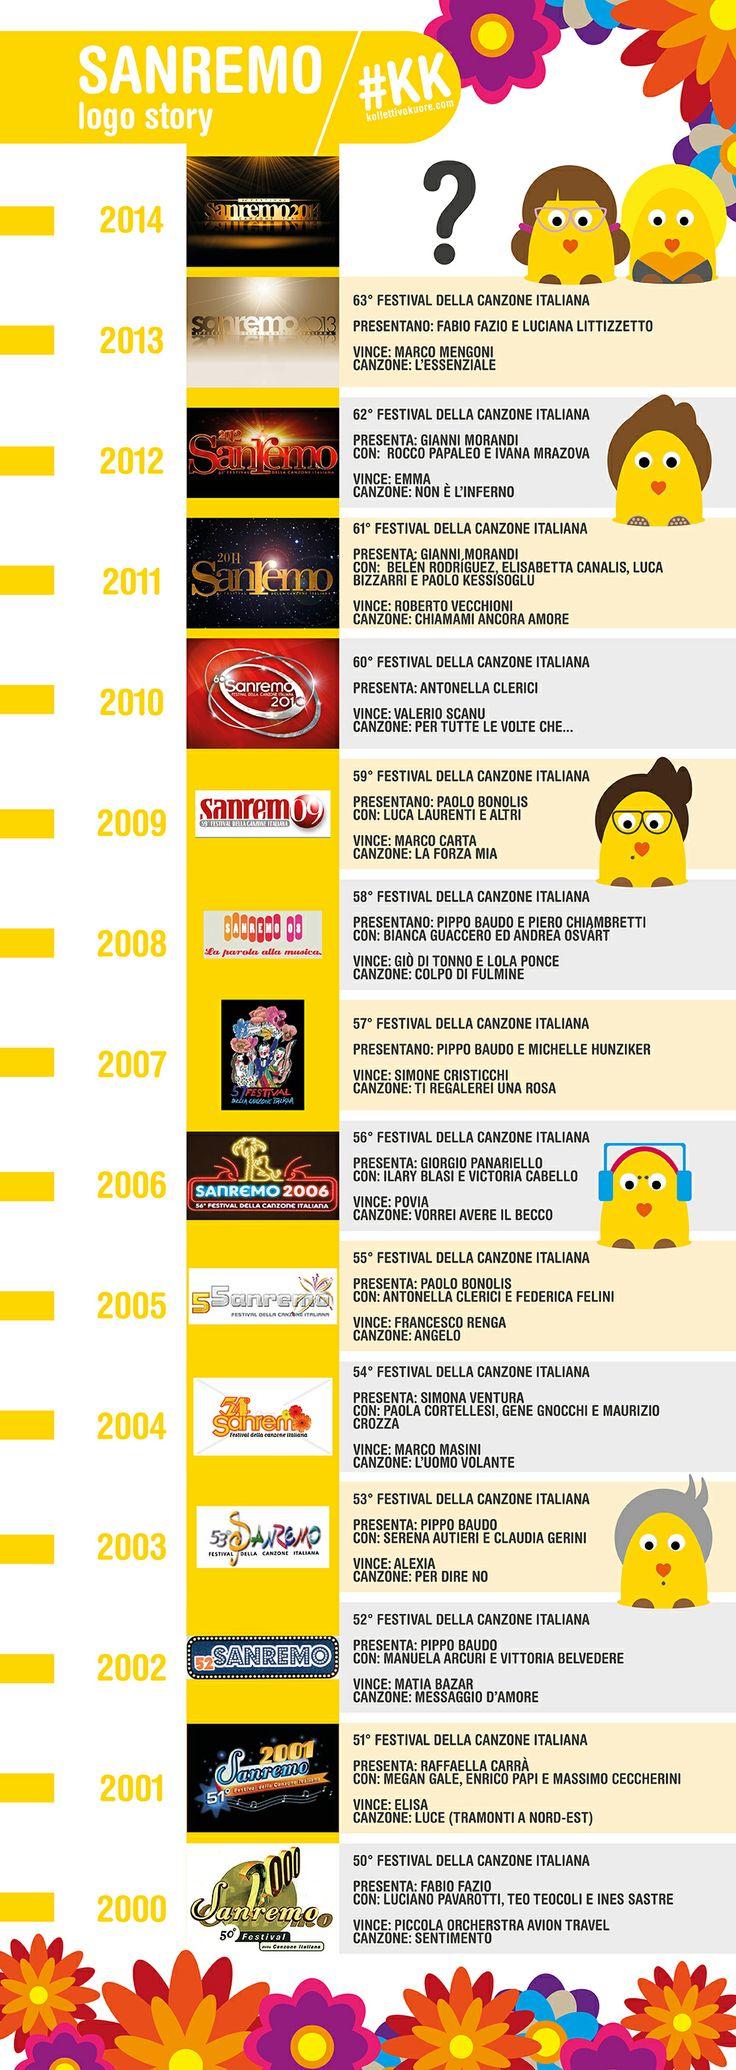 La storia della Kermesse dal 2000 ad oggi con i suoi #loghi.  http://www.kollettivokuore.com/logostory-festival-di-sanremo/  #logo #logodesign #sanremo #infographic #infografica